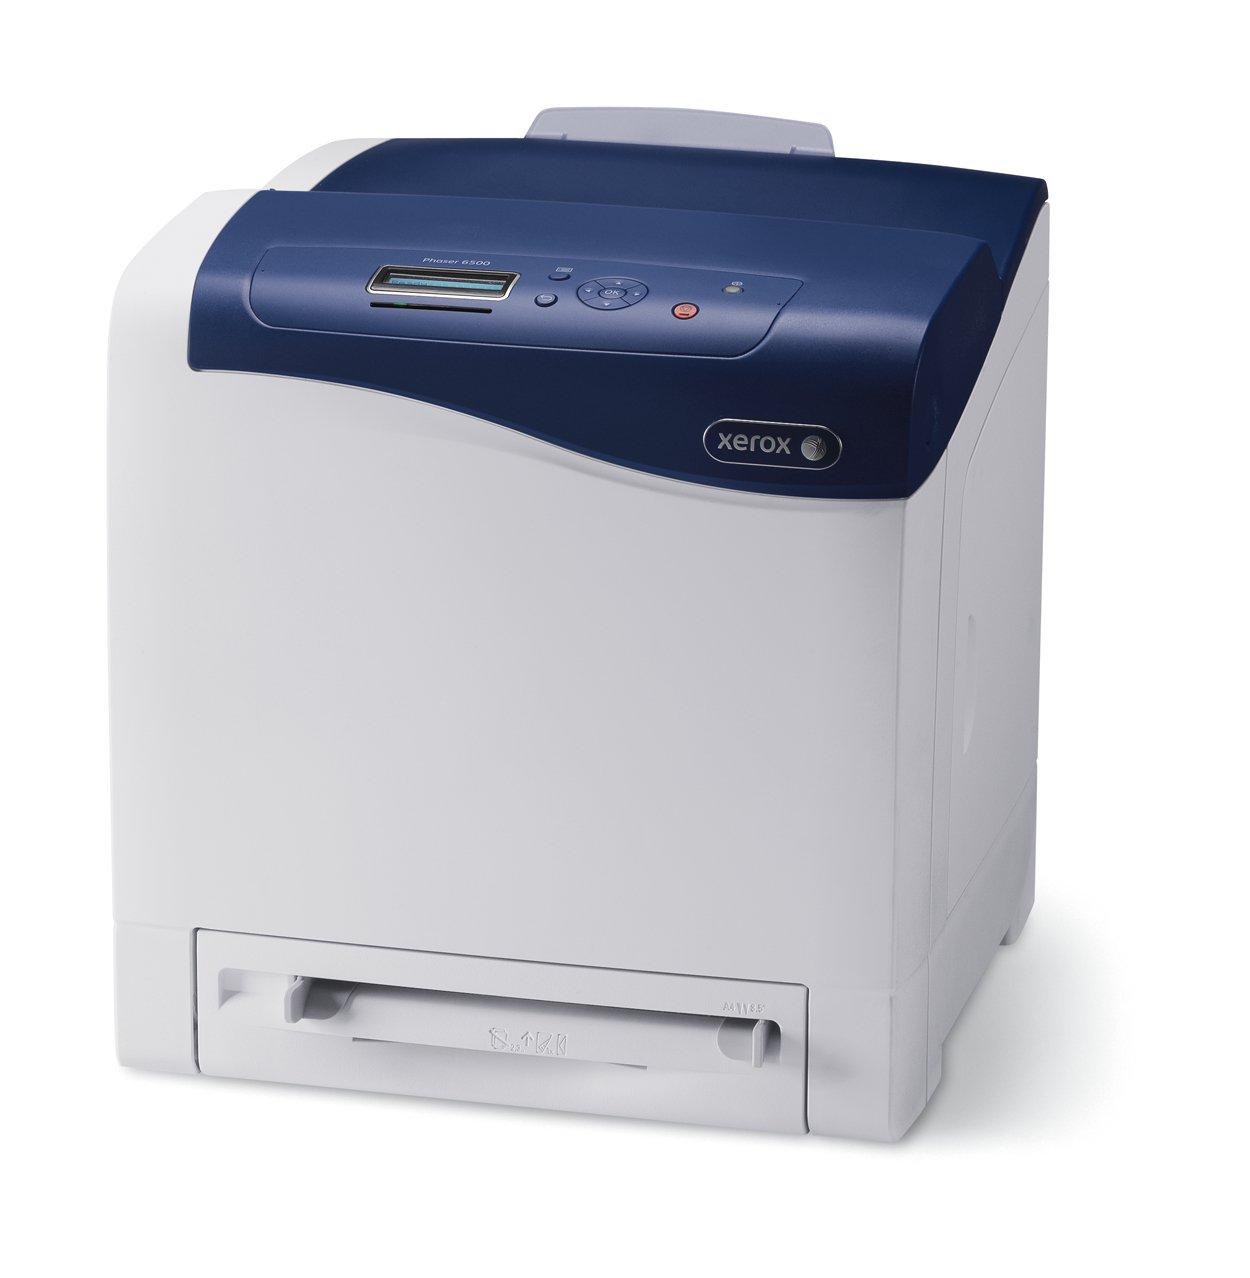 Xerox color laser printers - Xerox Color Laser Printers 17